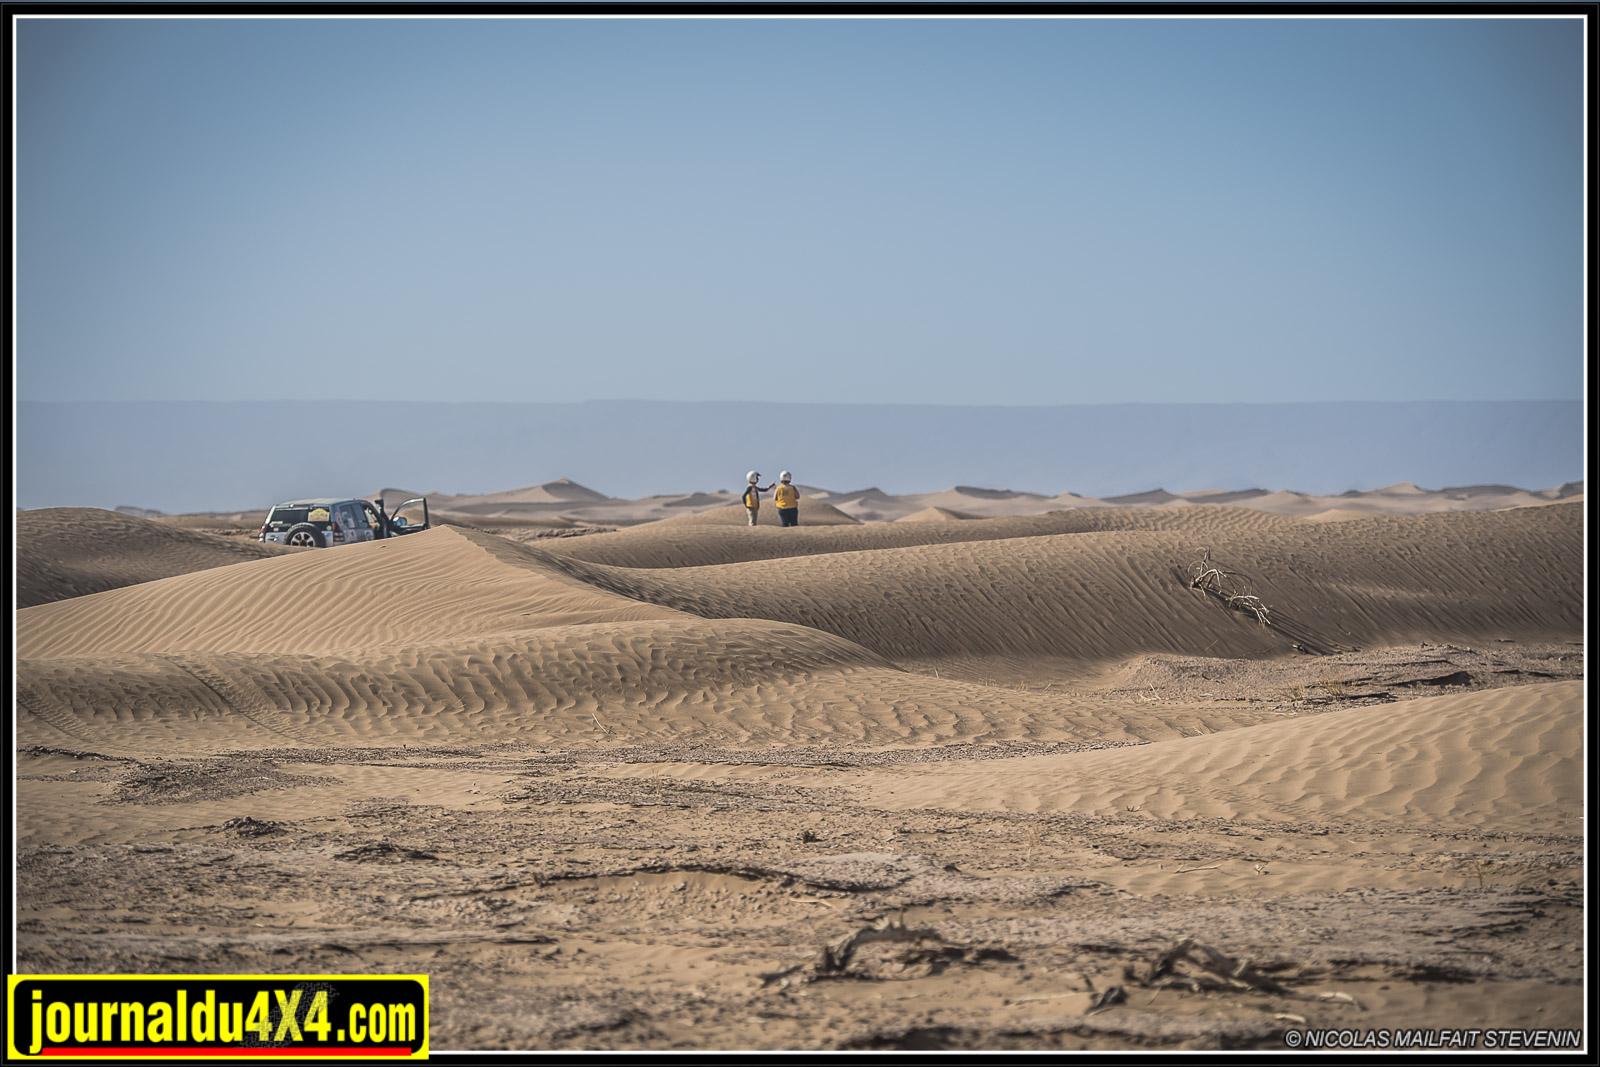 rallye-aicha-gazelles-maroc-2017-7284.jpg